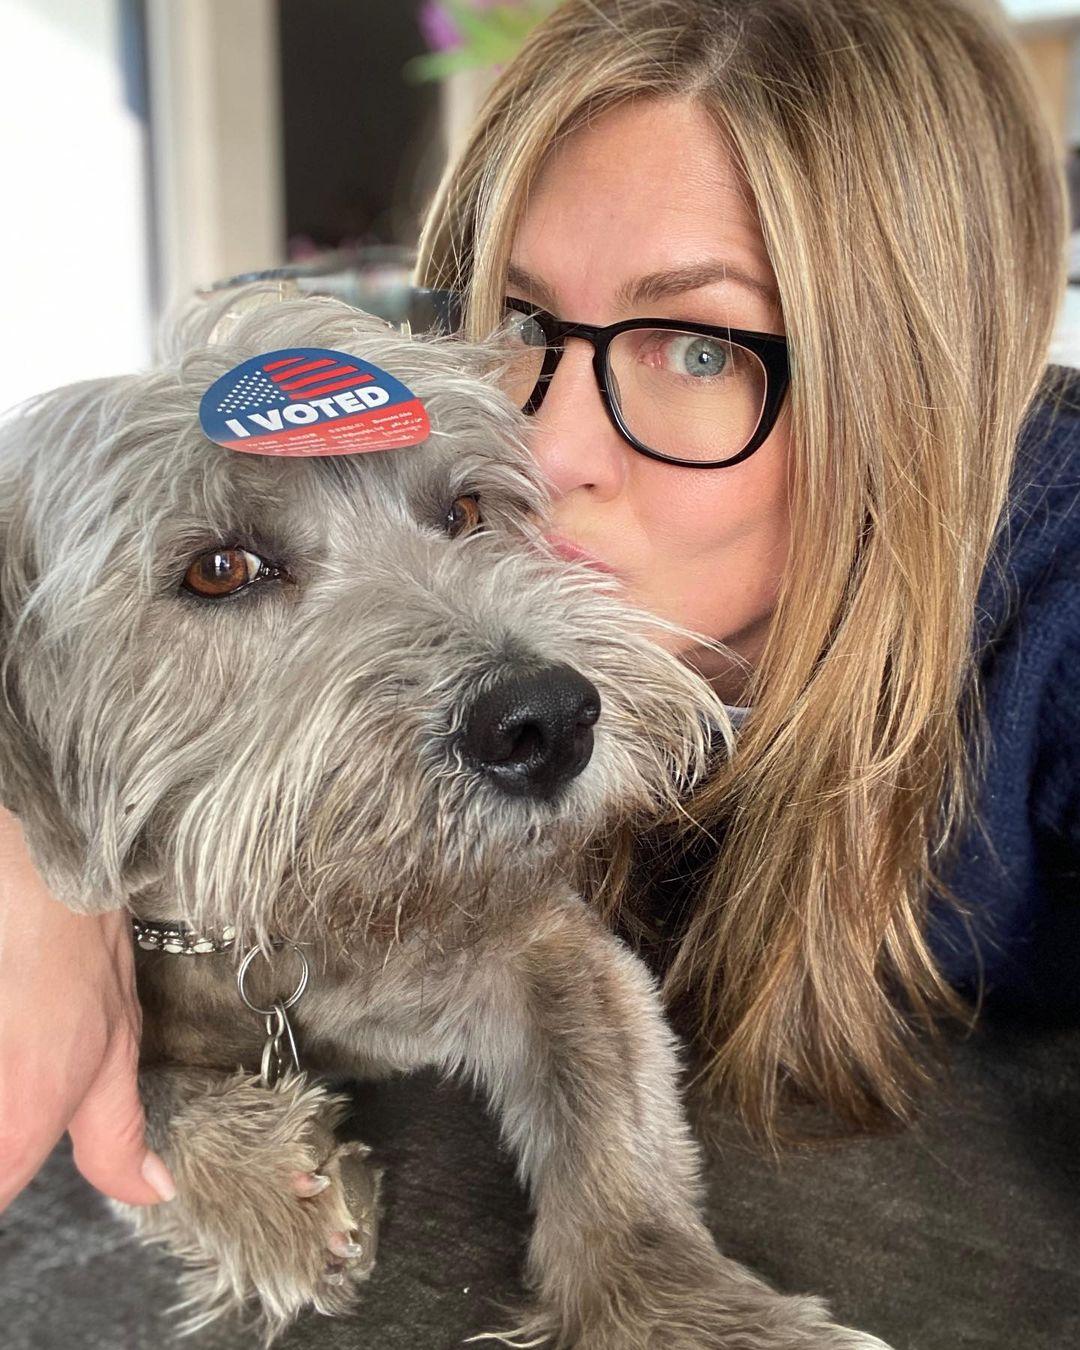 Бьюти-процедуры, любимые псы и «Друзья»: Instagram именинницы Дженнифер Энистон